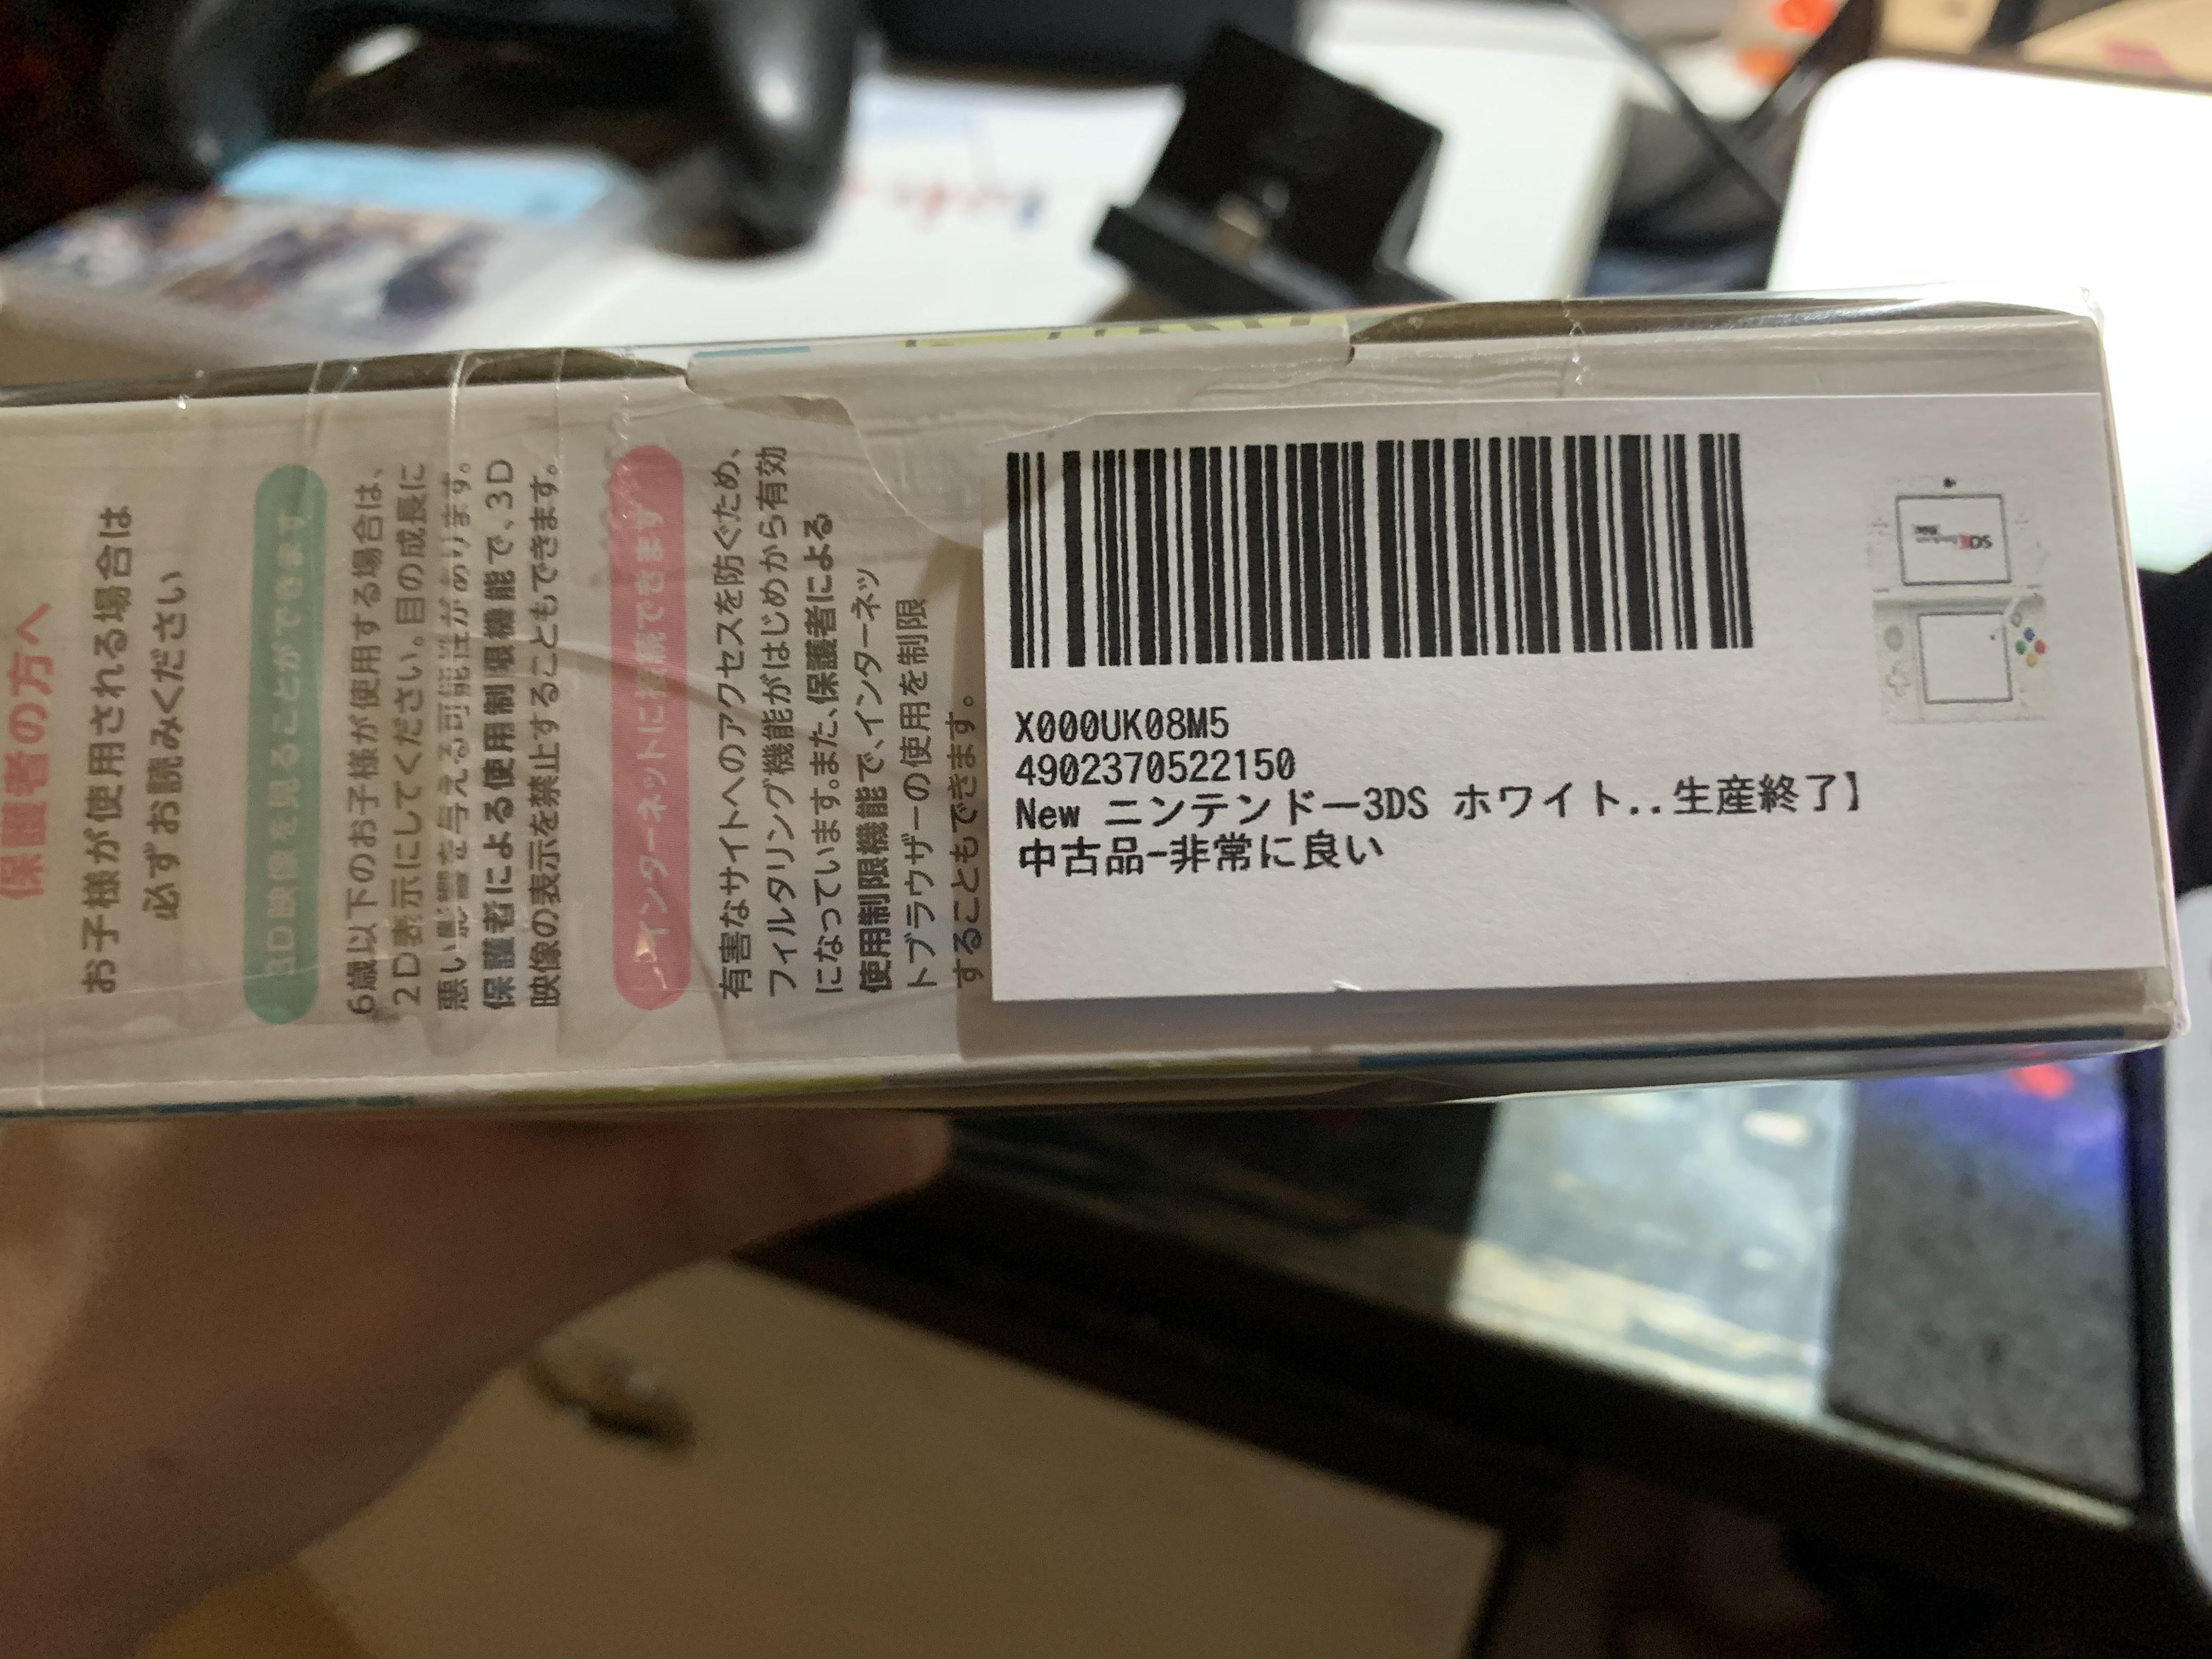 8FC04B7A-1672-40B0-A6A5-F3F27105DA76.jpeg